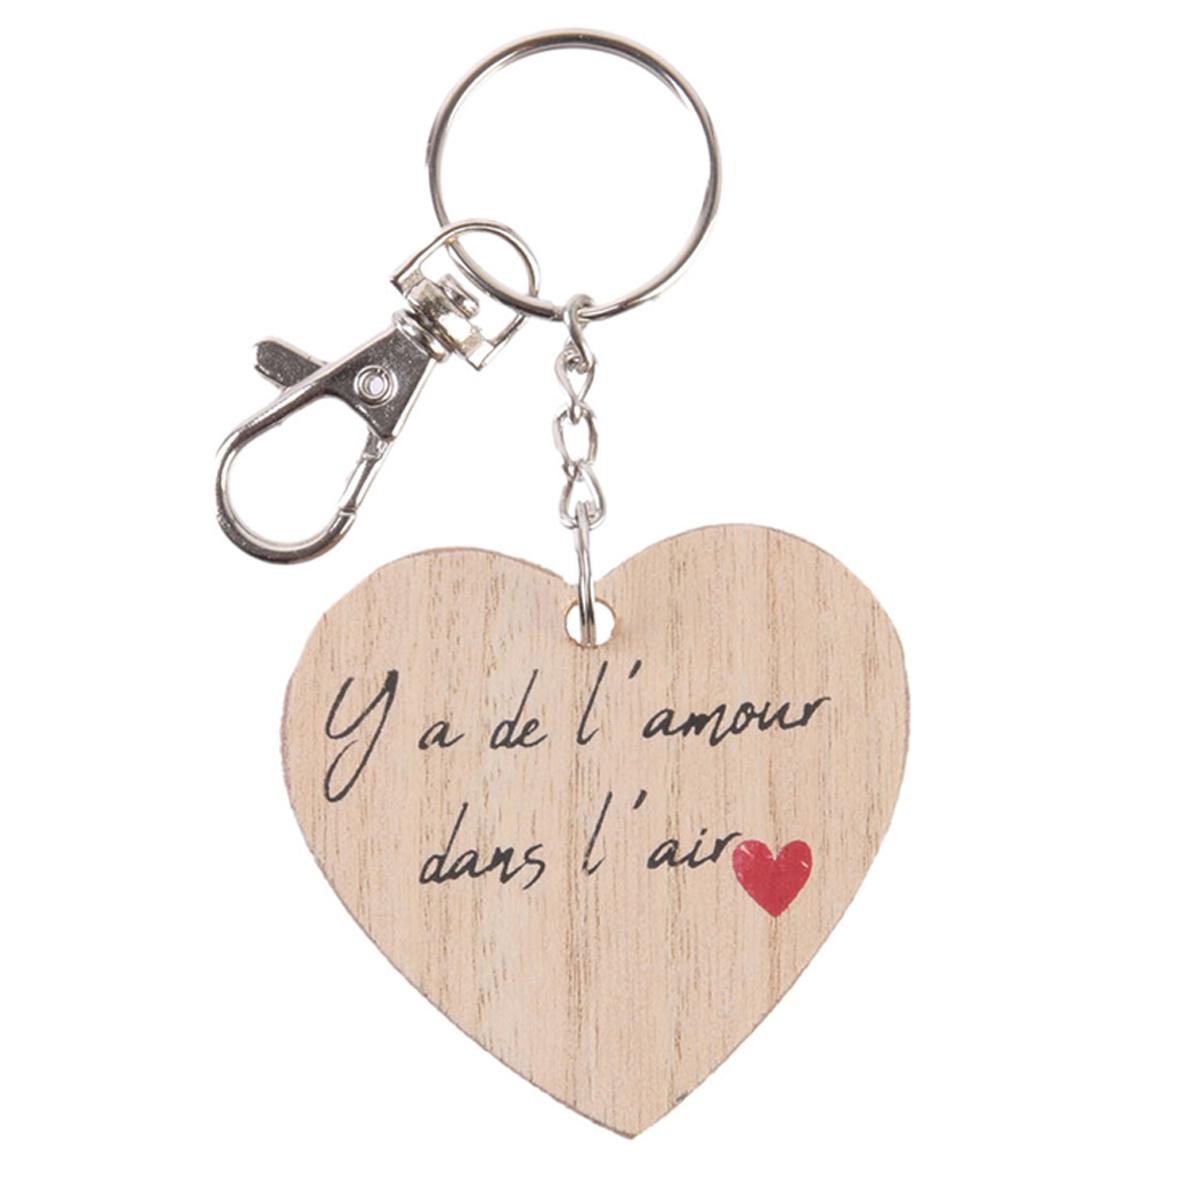 Porte-clés bois coeur \'Mots d\'Amour\' beige (Y\'a de l\'amour dans l\'air) - 5x5 cm - [Q3270]